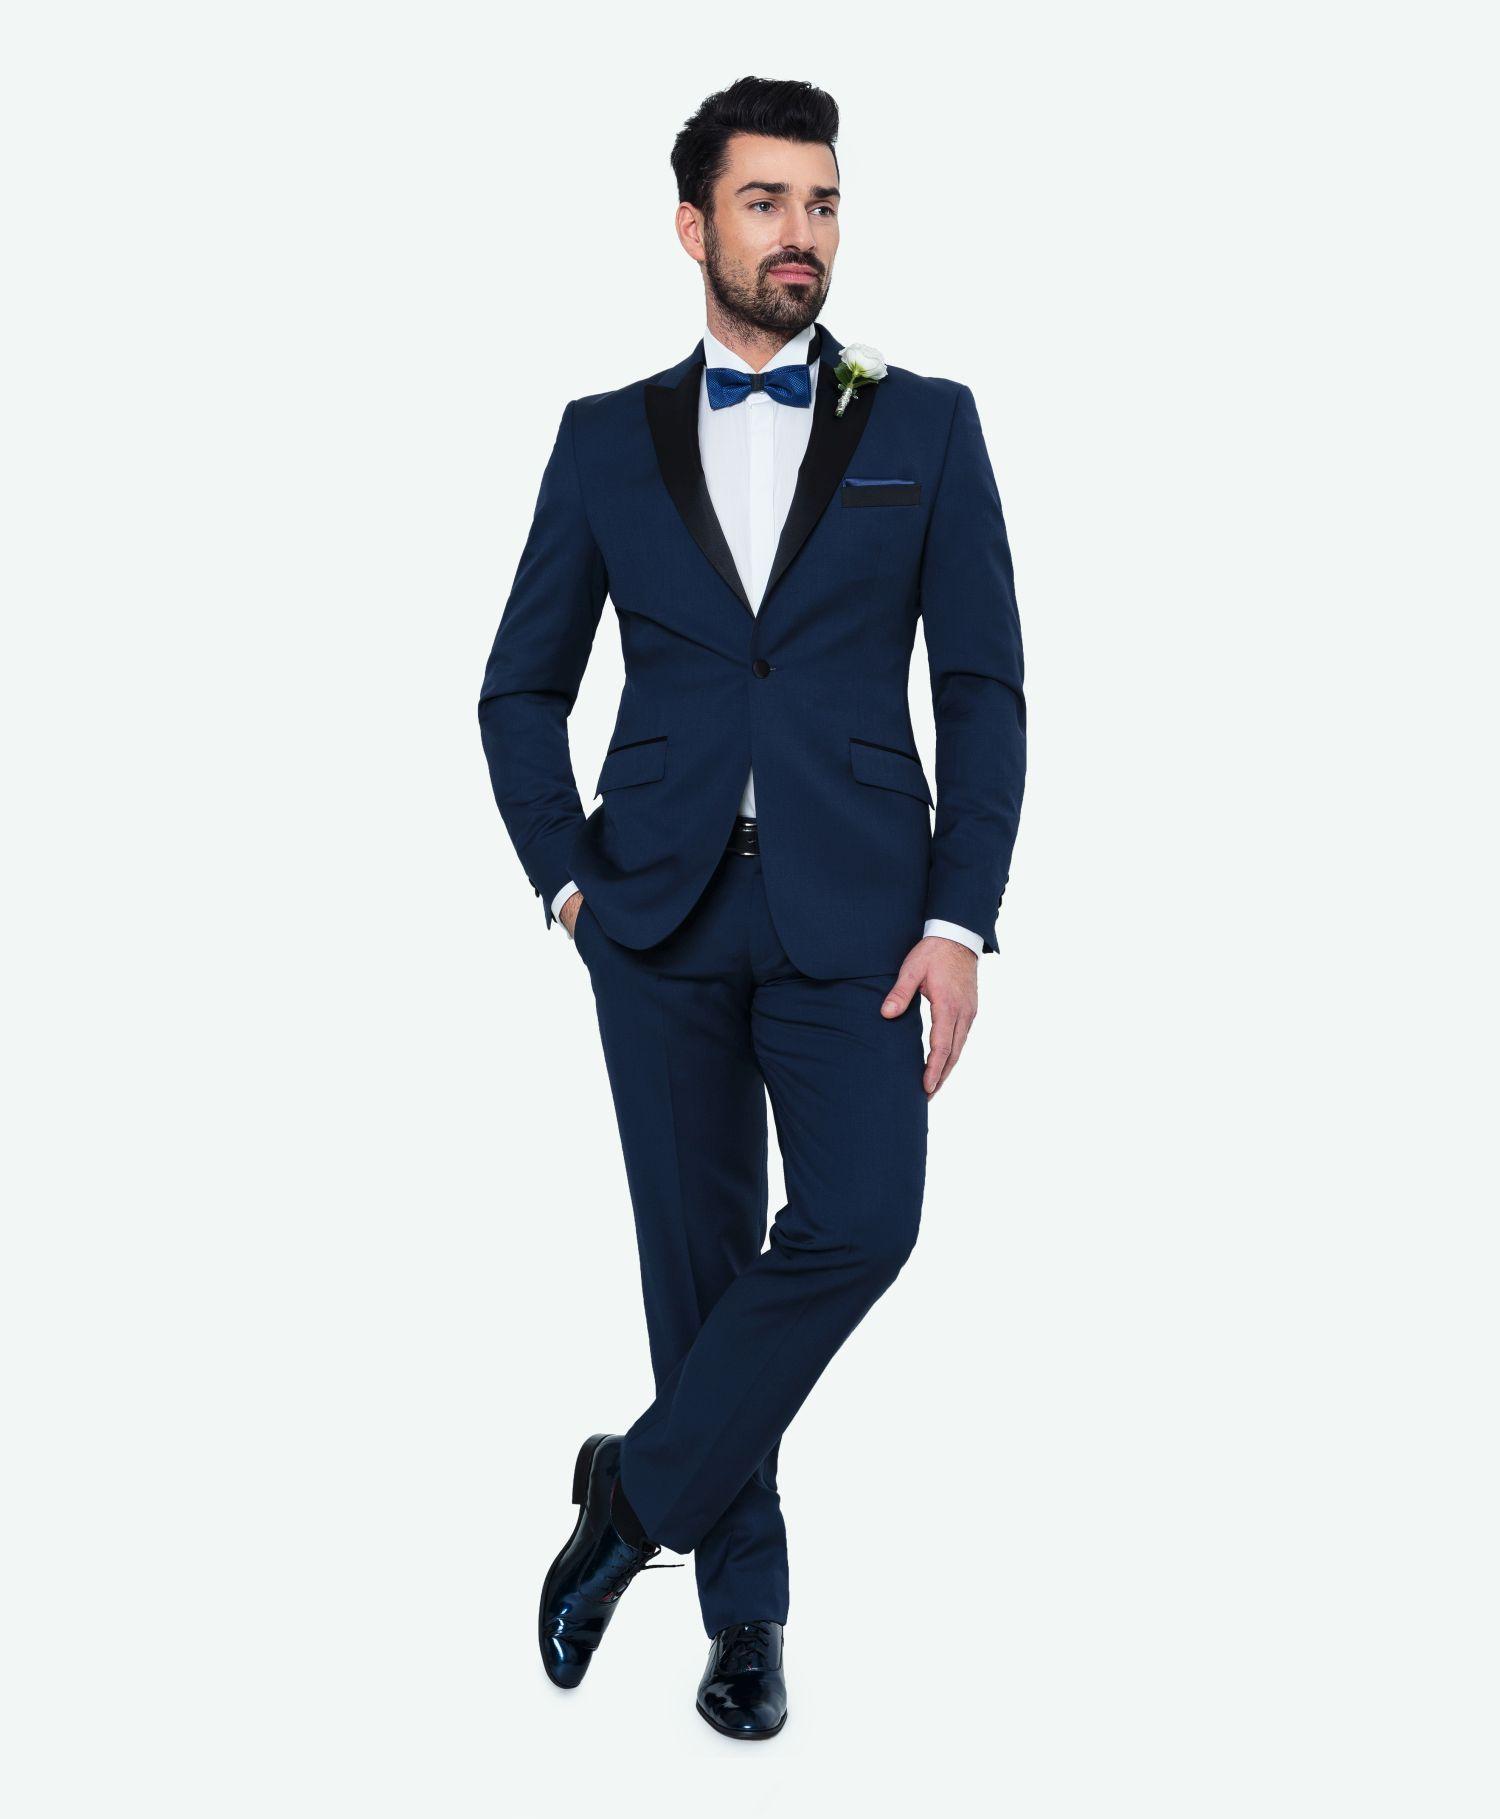 2ec865f6f47a2 Kolekcja ślubna Giacomo Conti: niebieski taliowany garnitur na ślub z  marynarką w stylu smokingowym z czarnymi klapami (dostępny w opcji  dekompletowania ...